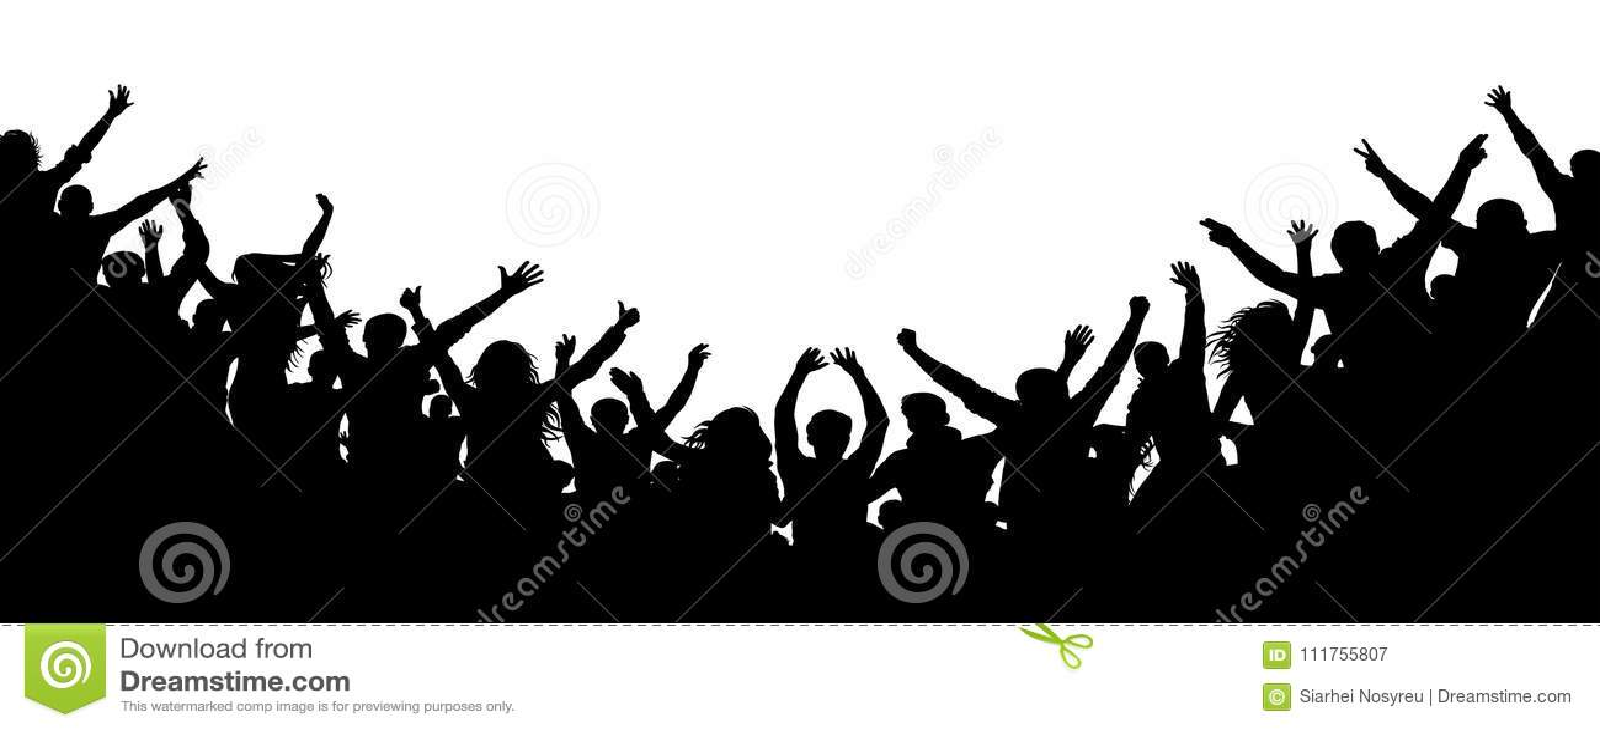 Rozochoceni ludzie tłumu oklaskuje, sylwetka Przyjęcie, aplauz Fan tana koncert, dyskoteka